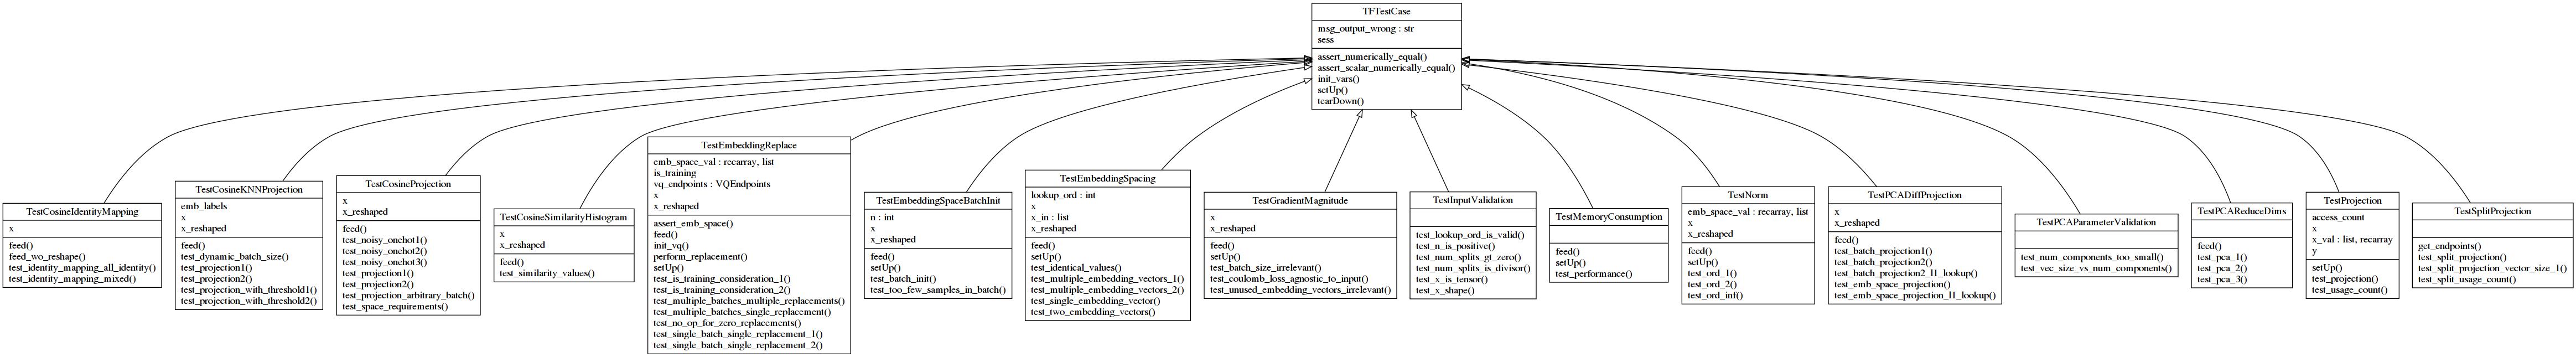 vq_layer class diagram